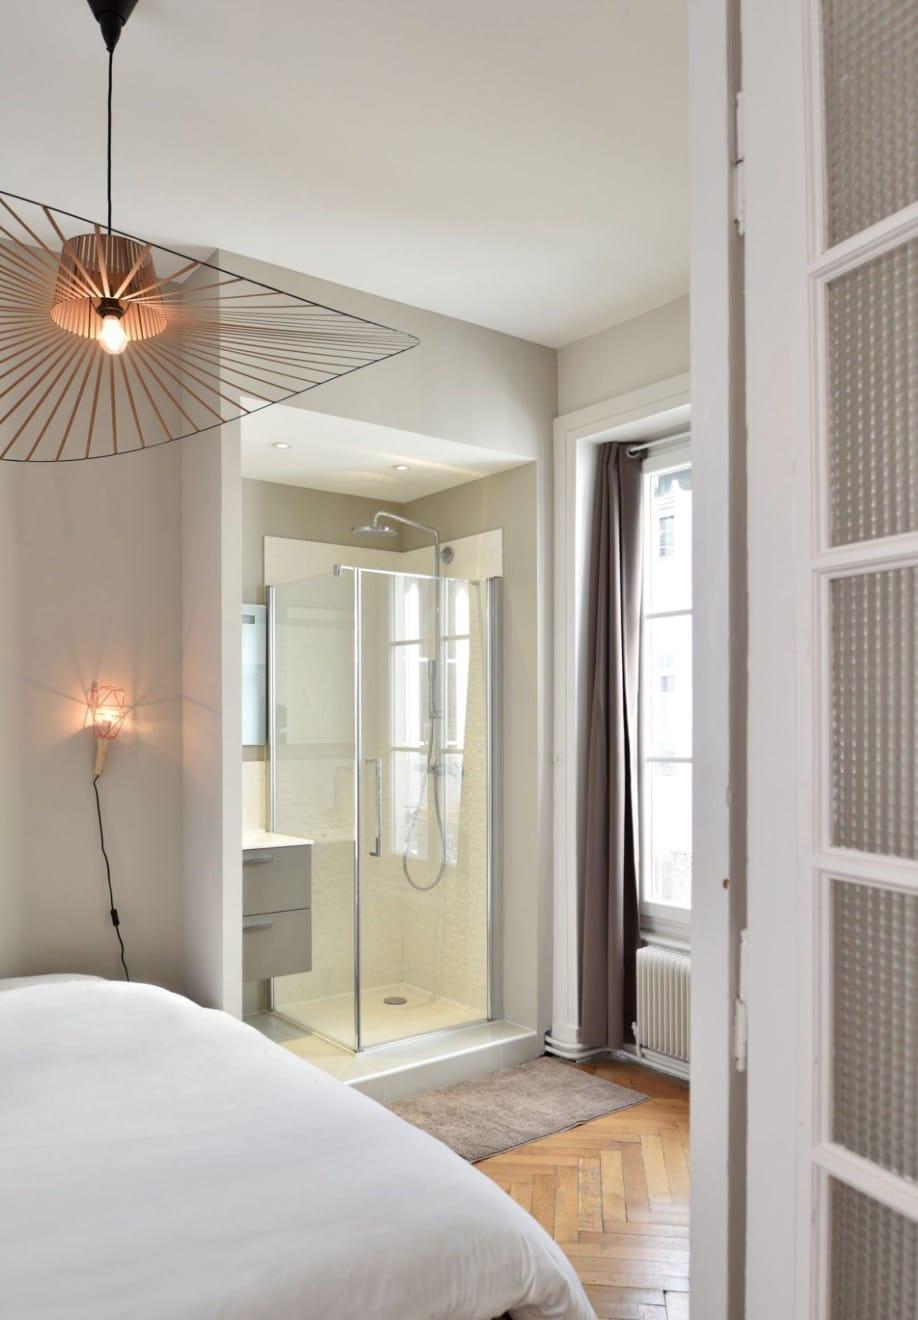 presse actus architecture d 39 int rieur d co lyon. Black Bedroom Furniture Sets. Home Design Ideas